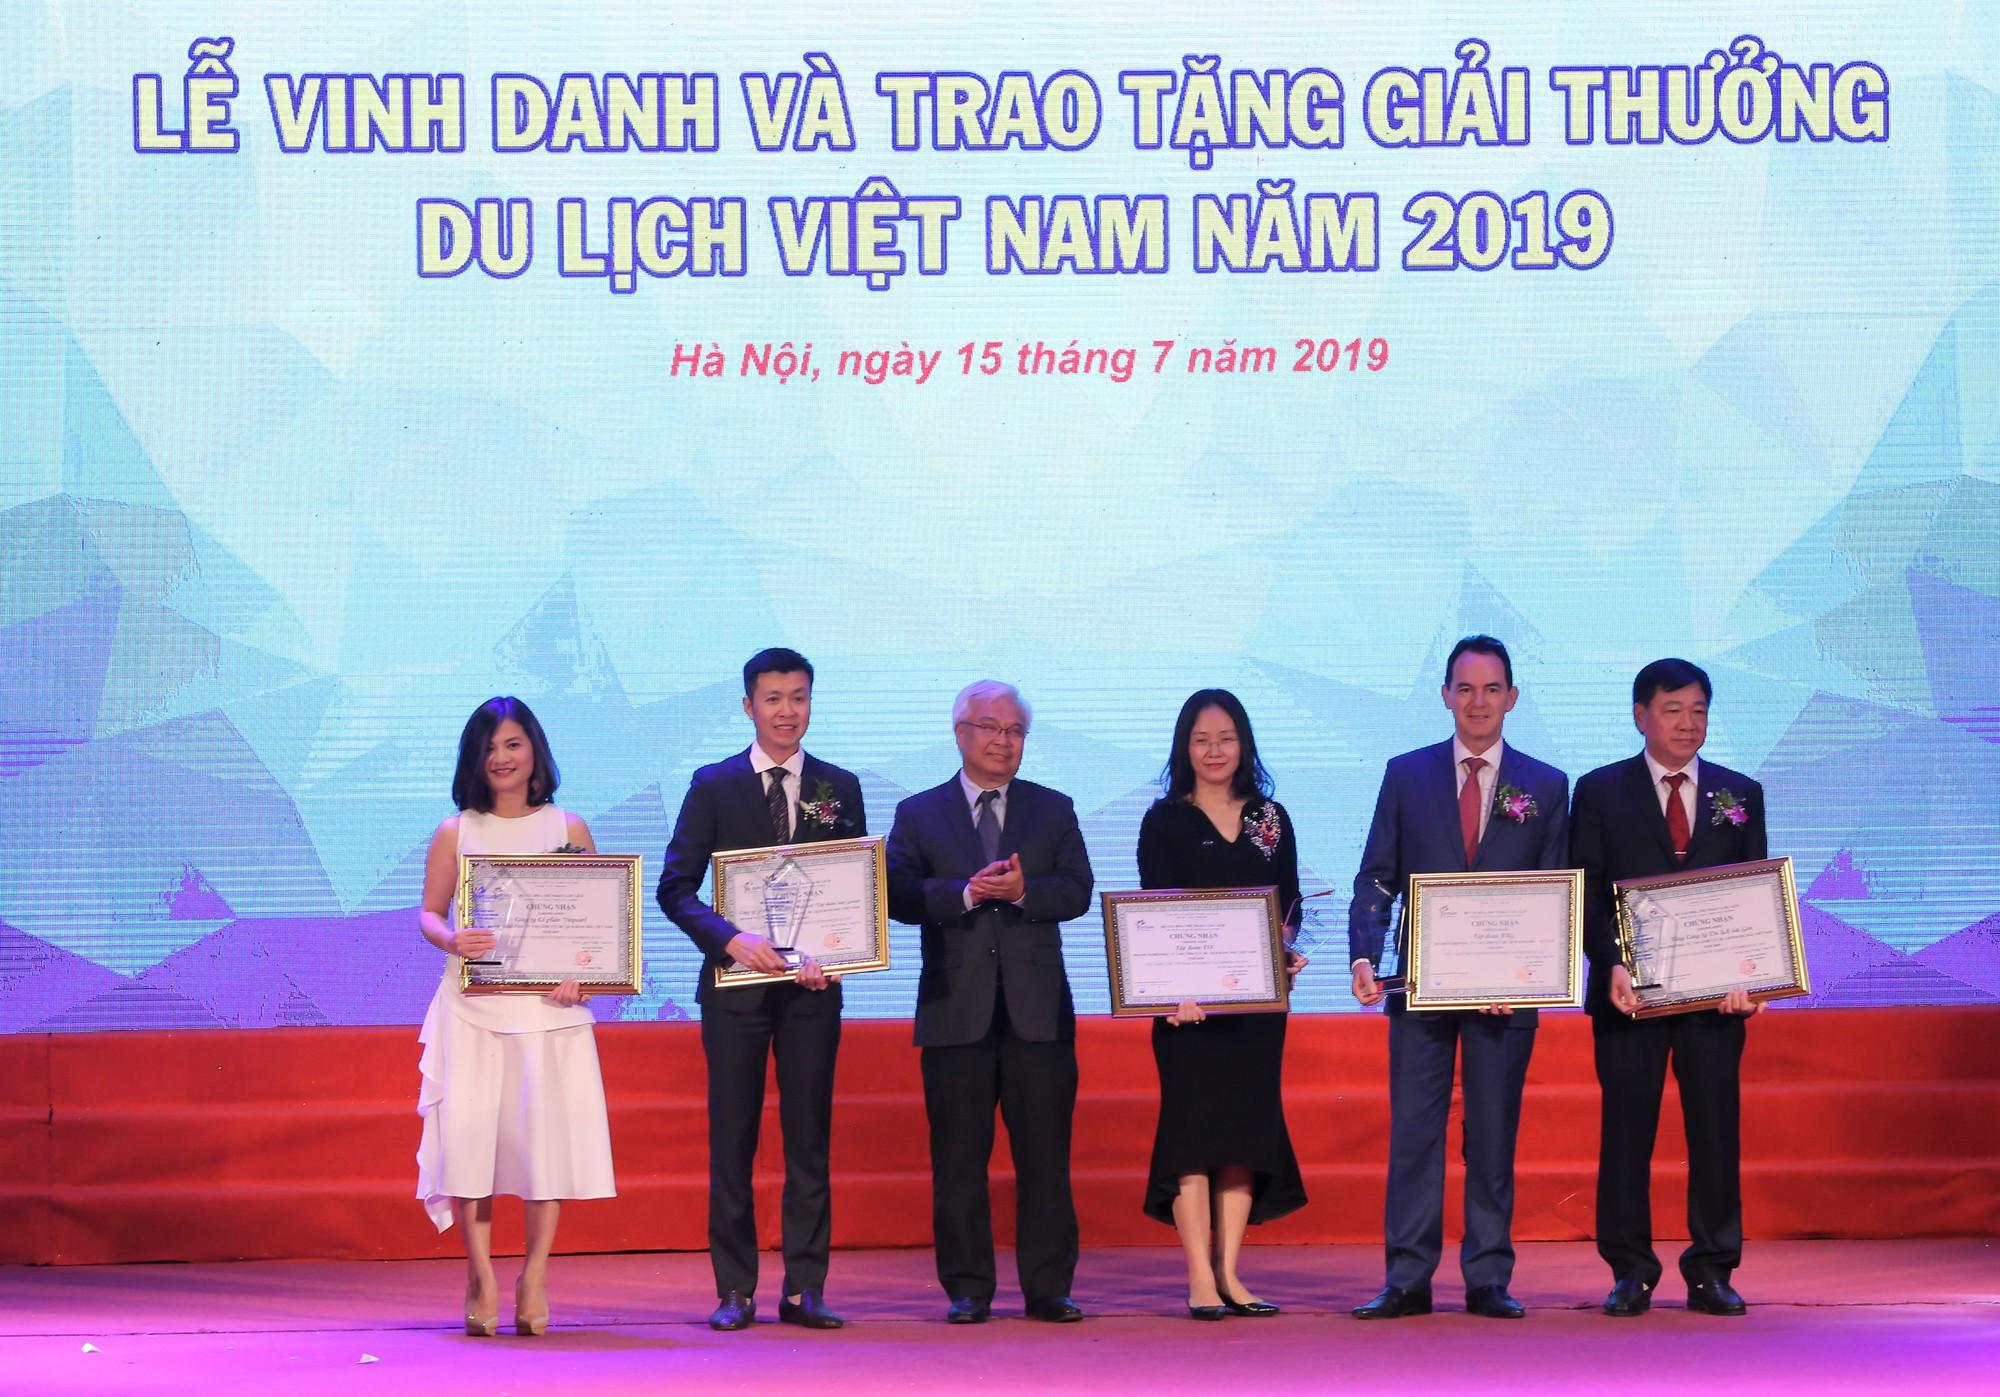 Chủ nhiệm Ủy ban Văn hóa, Giáo dục, Thanh niên, Thiếu niên và Nhi đồng của Quốc hội Phan Thanh Bình trao giải cho các doanh nghiệp kinh doanh trong lĩnh vực du lịch.